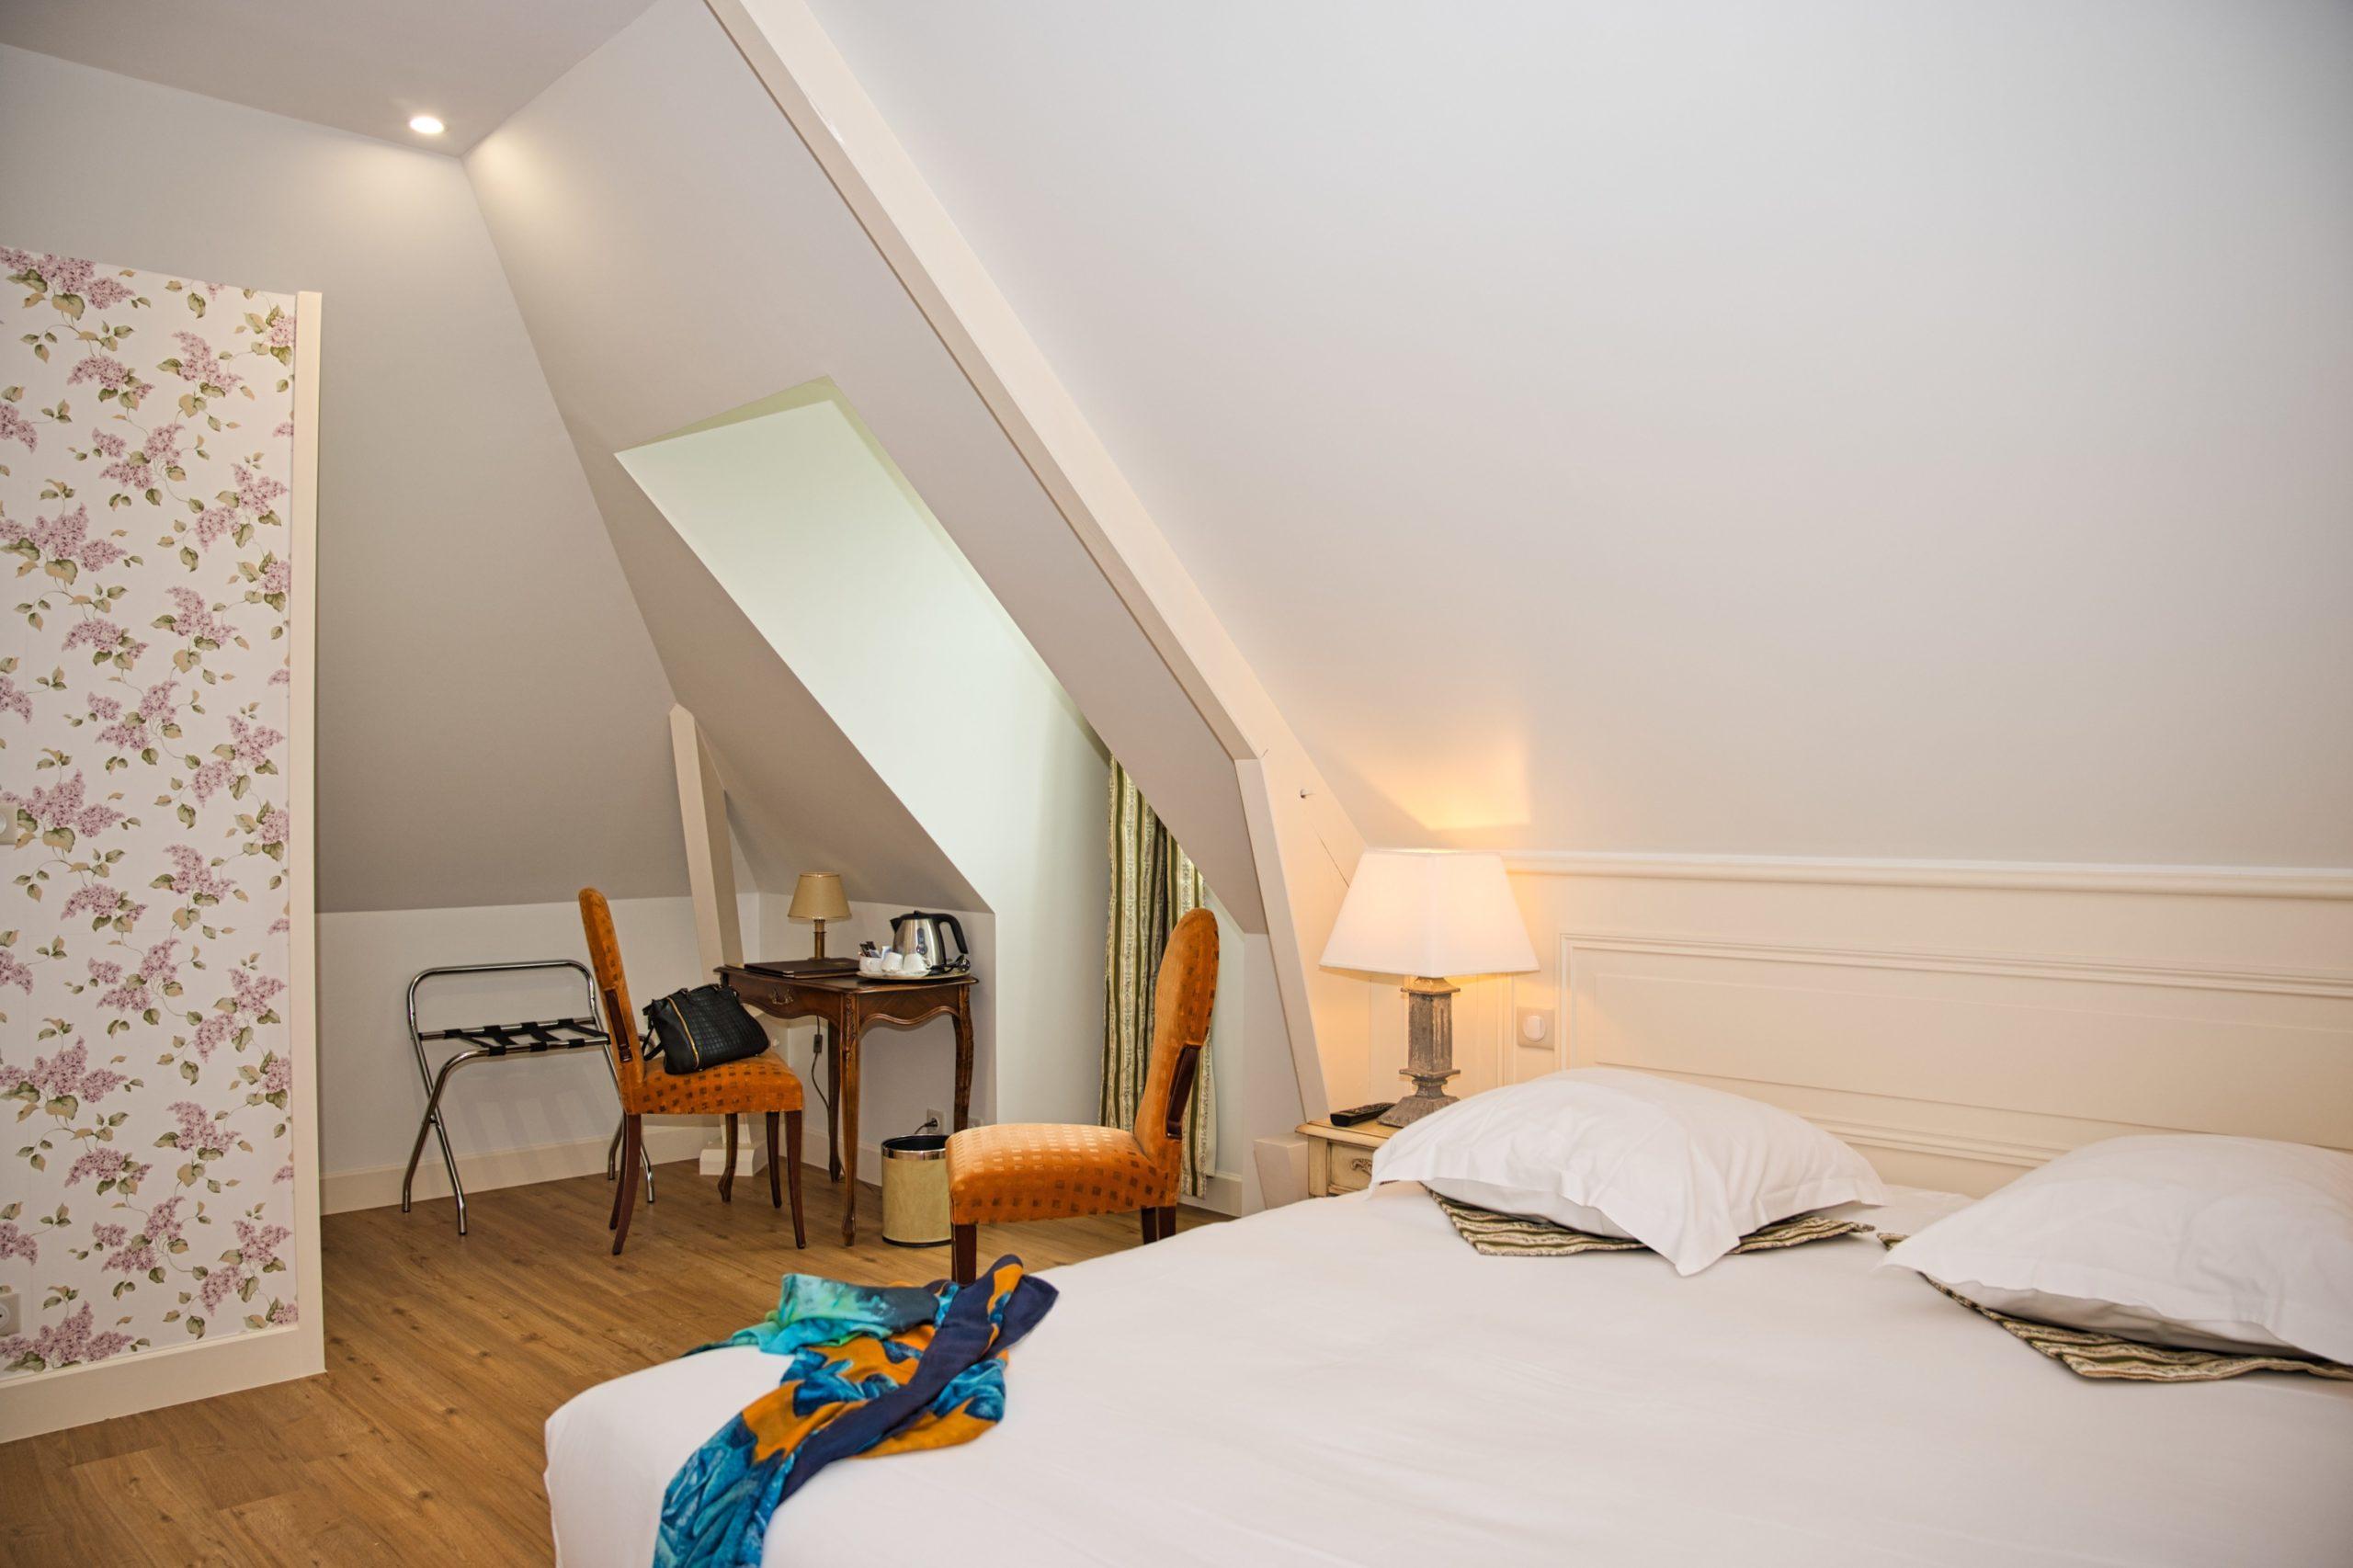 https://www.chateaudelarozelle.com/wp-content/uploads/2020/05/La-Rozelle-charme-42__Hôtel-4-étoiles-près-de-Chambord-Blois-Cheverny-et-Chaumont-sur-Loire-4-scaled.jpg